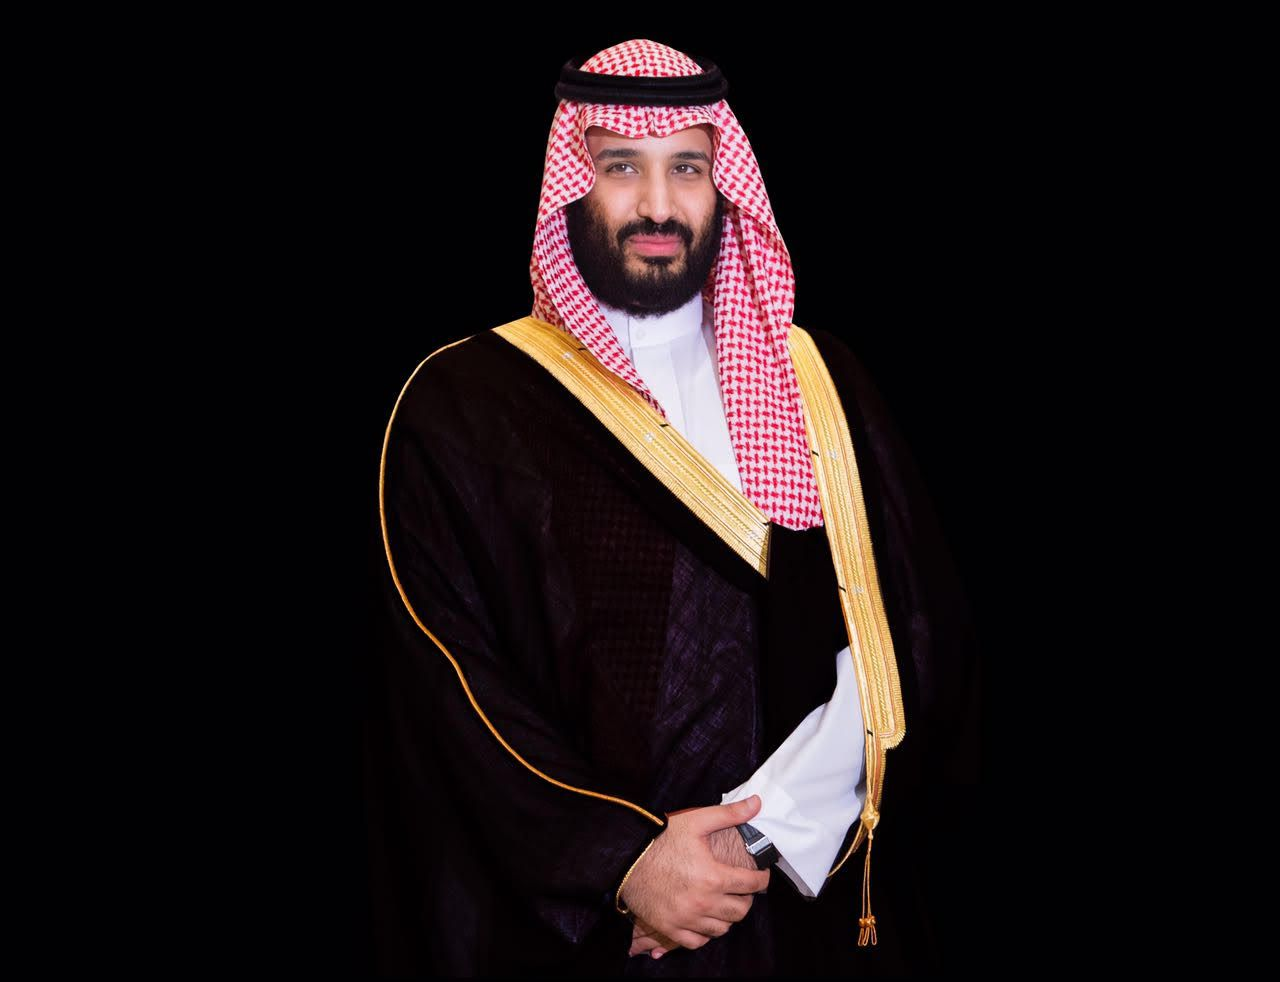 من القائل همة السعوديين مثل جبل طويق ولن تنكسر